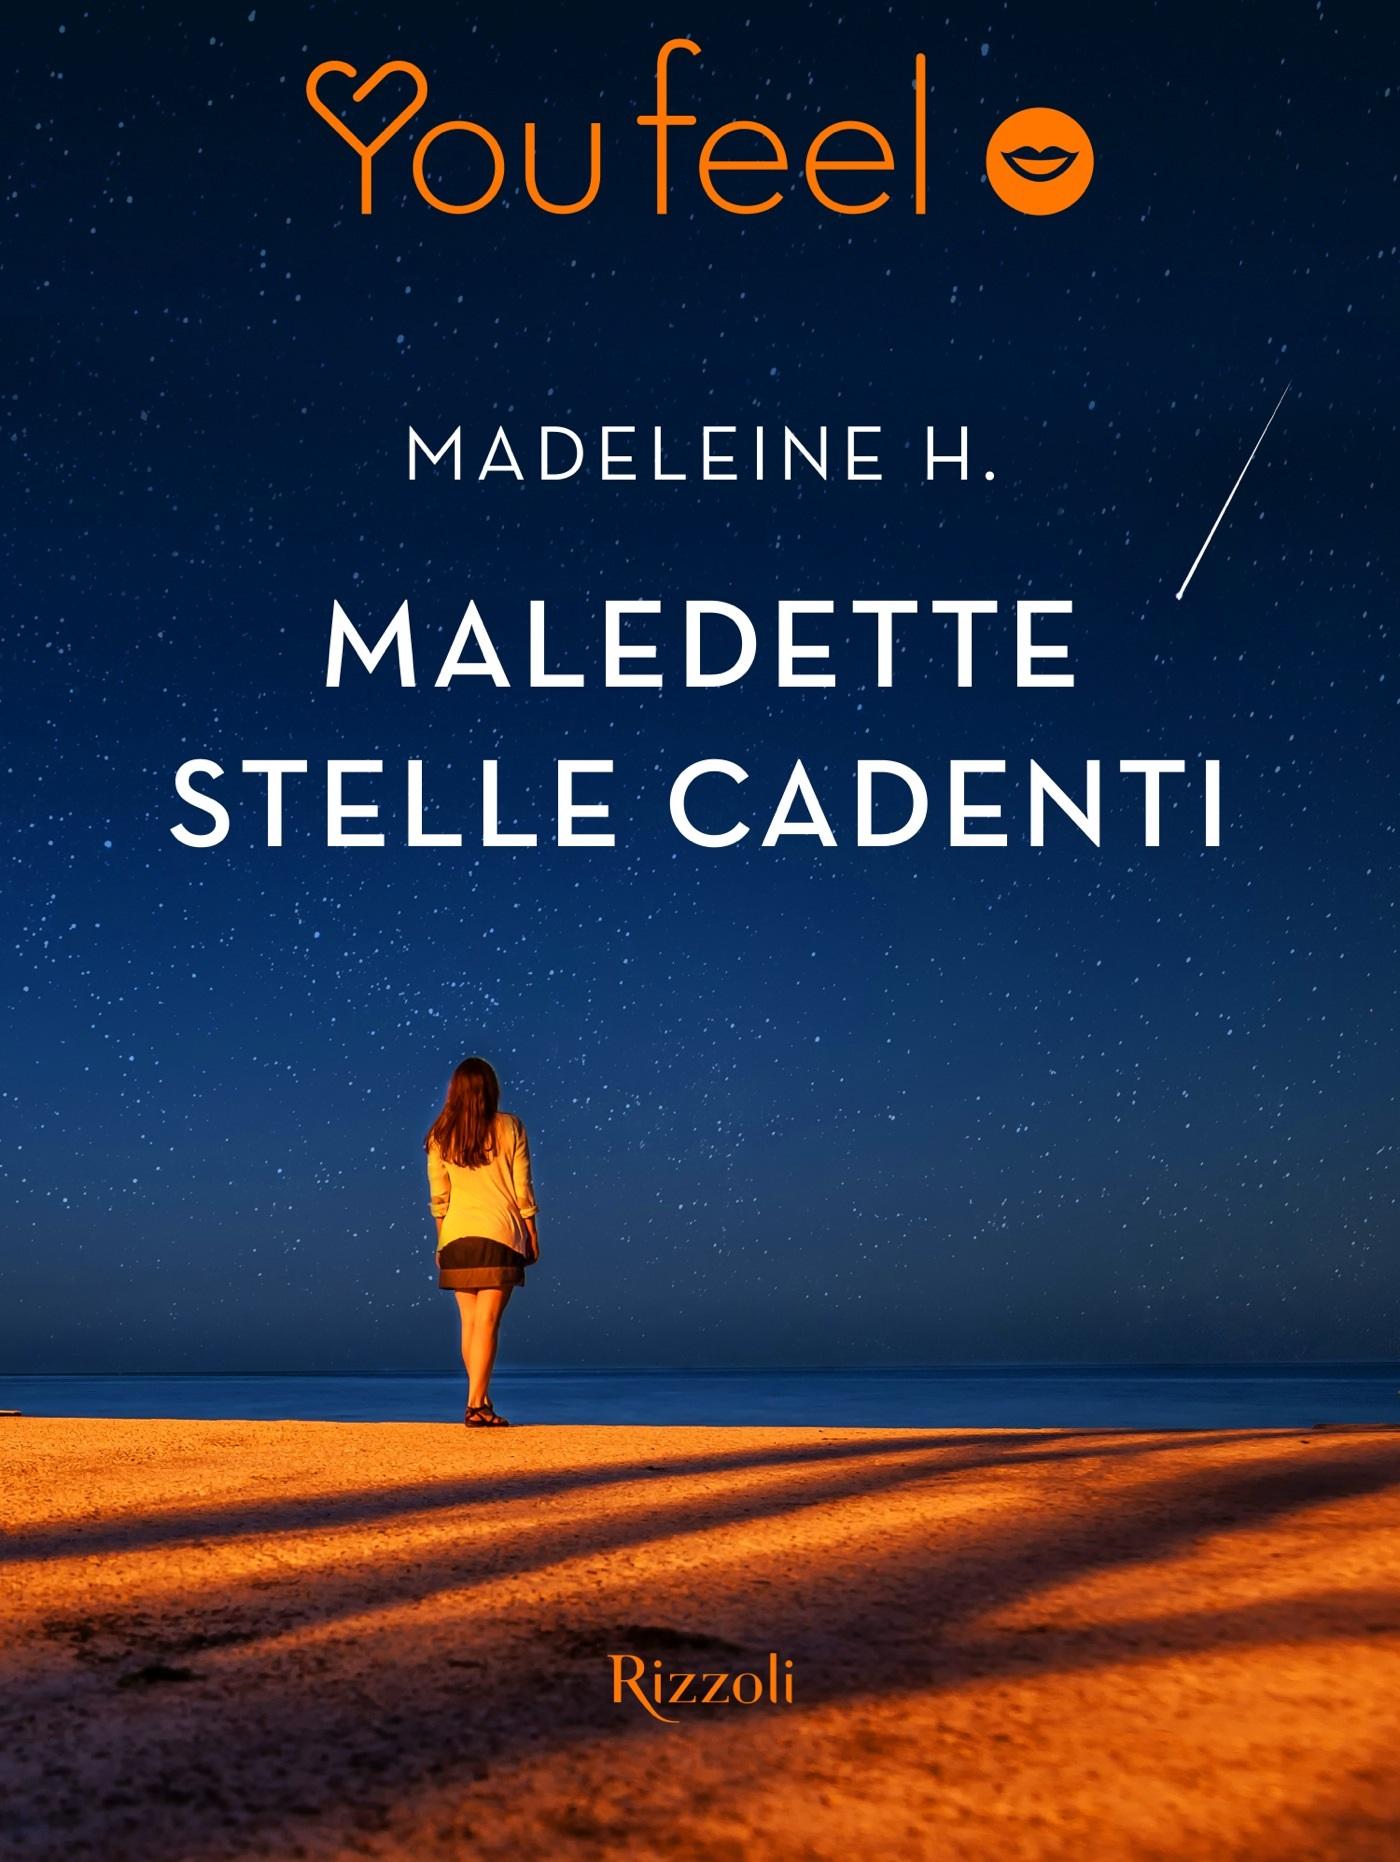 Maledette-Stelle-Cadenti-ChezMadeleine